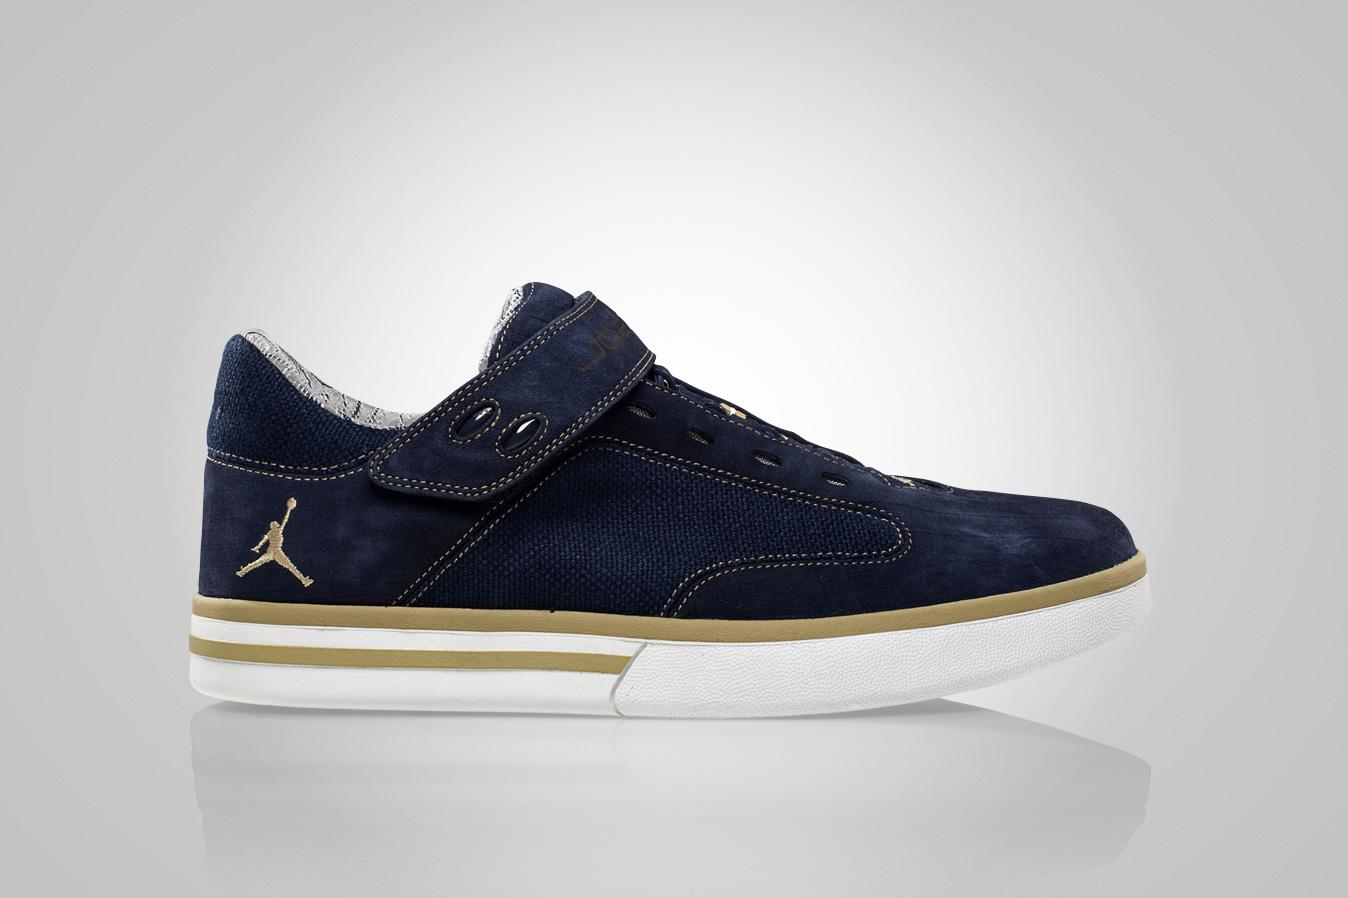 Jordan Blase Shoes